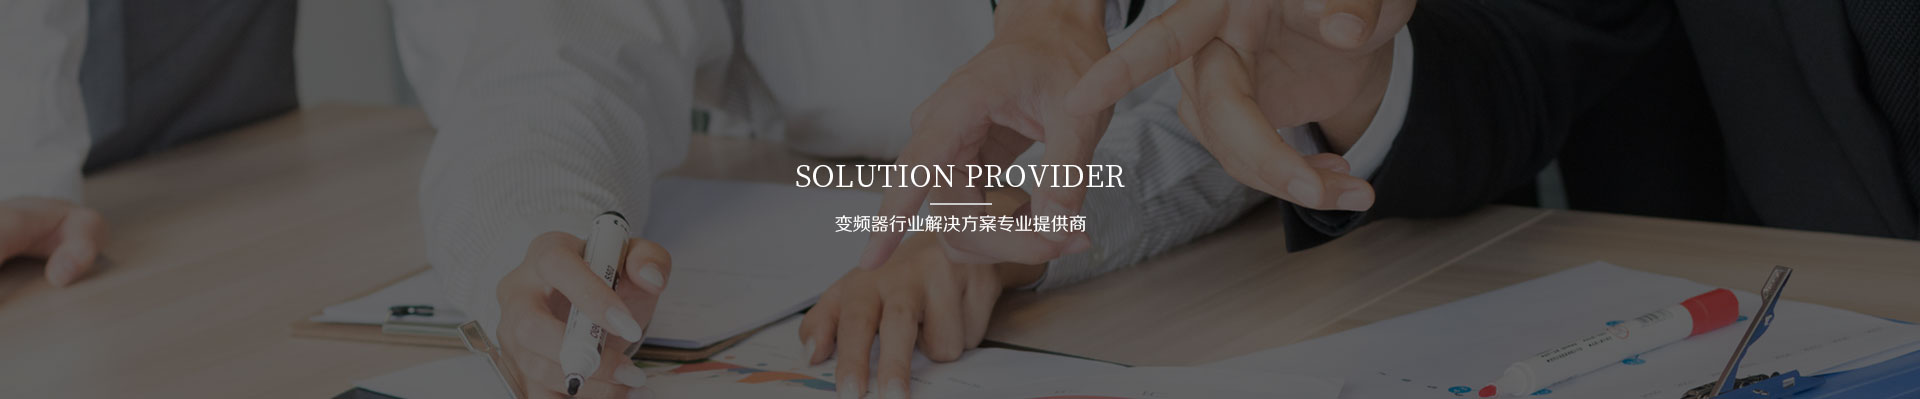 造纸业解决方案